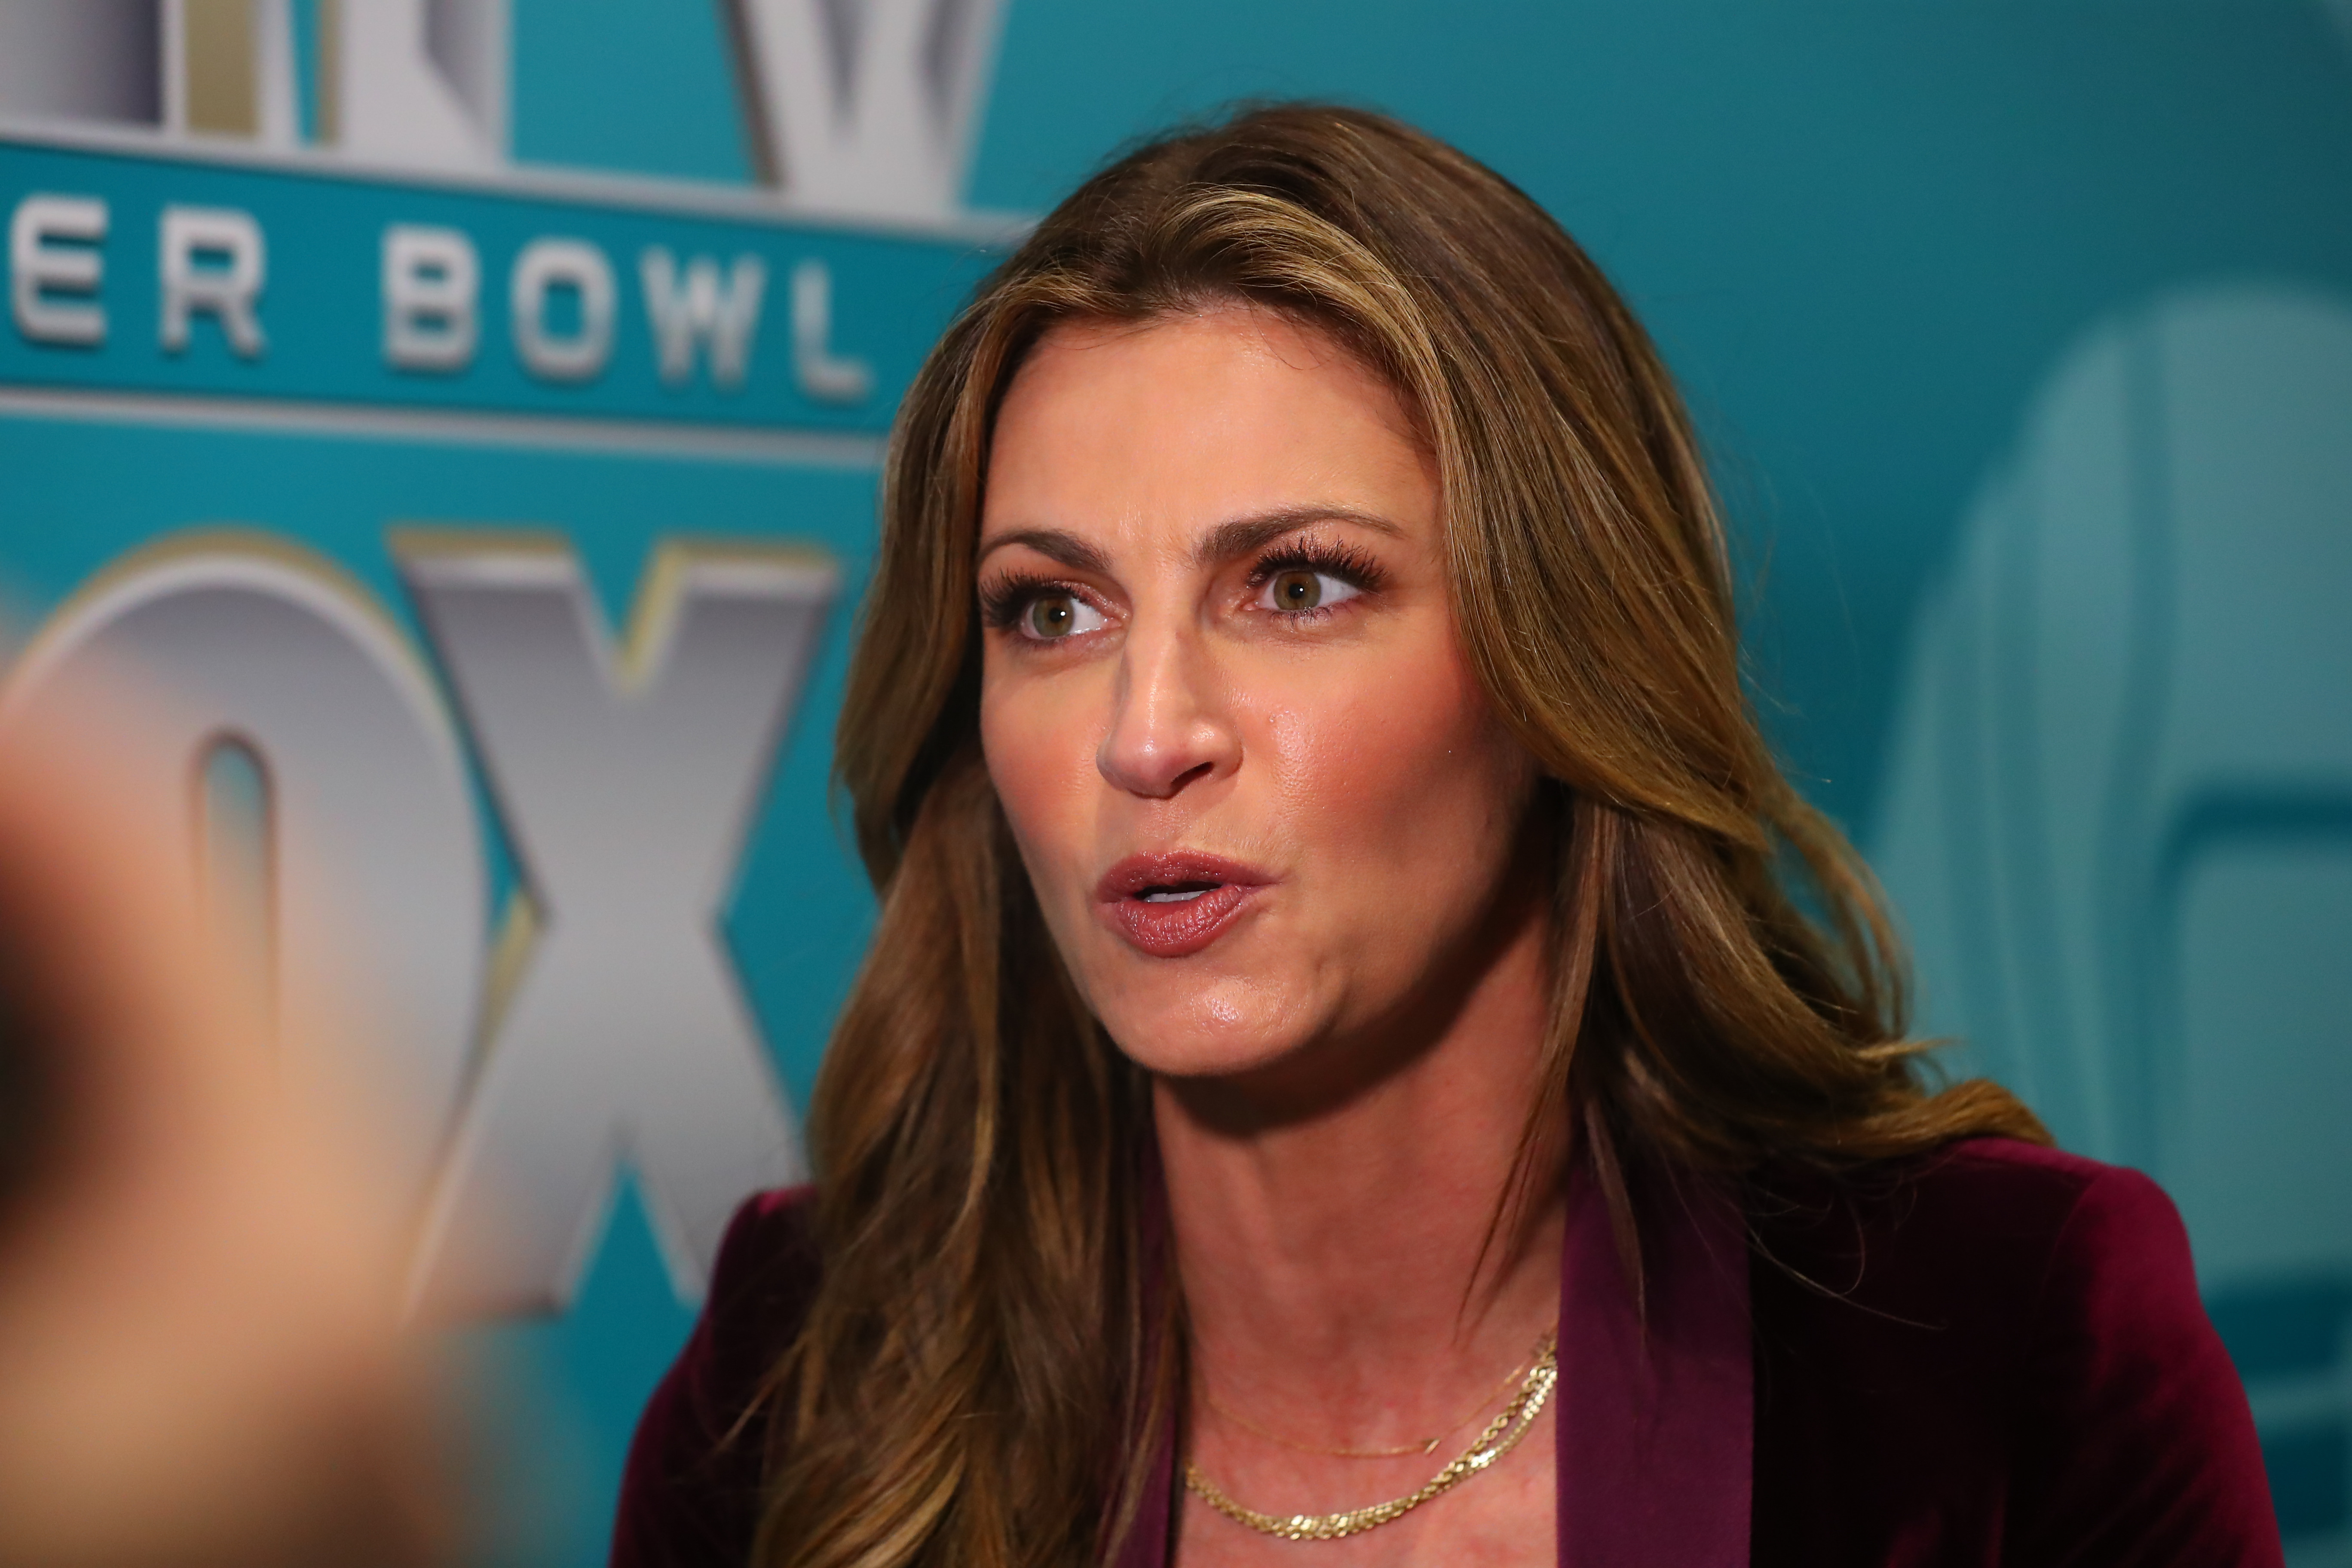 NFL: JAN 28 Super Bowl LIV - FOX Sports Media Day